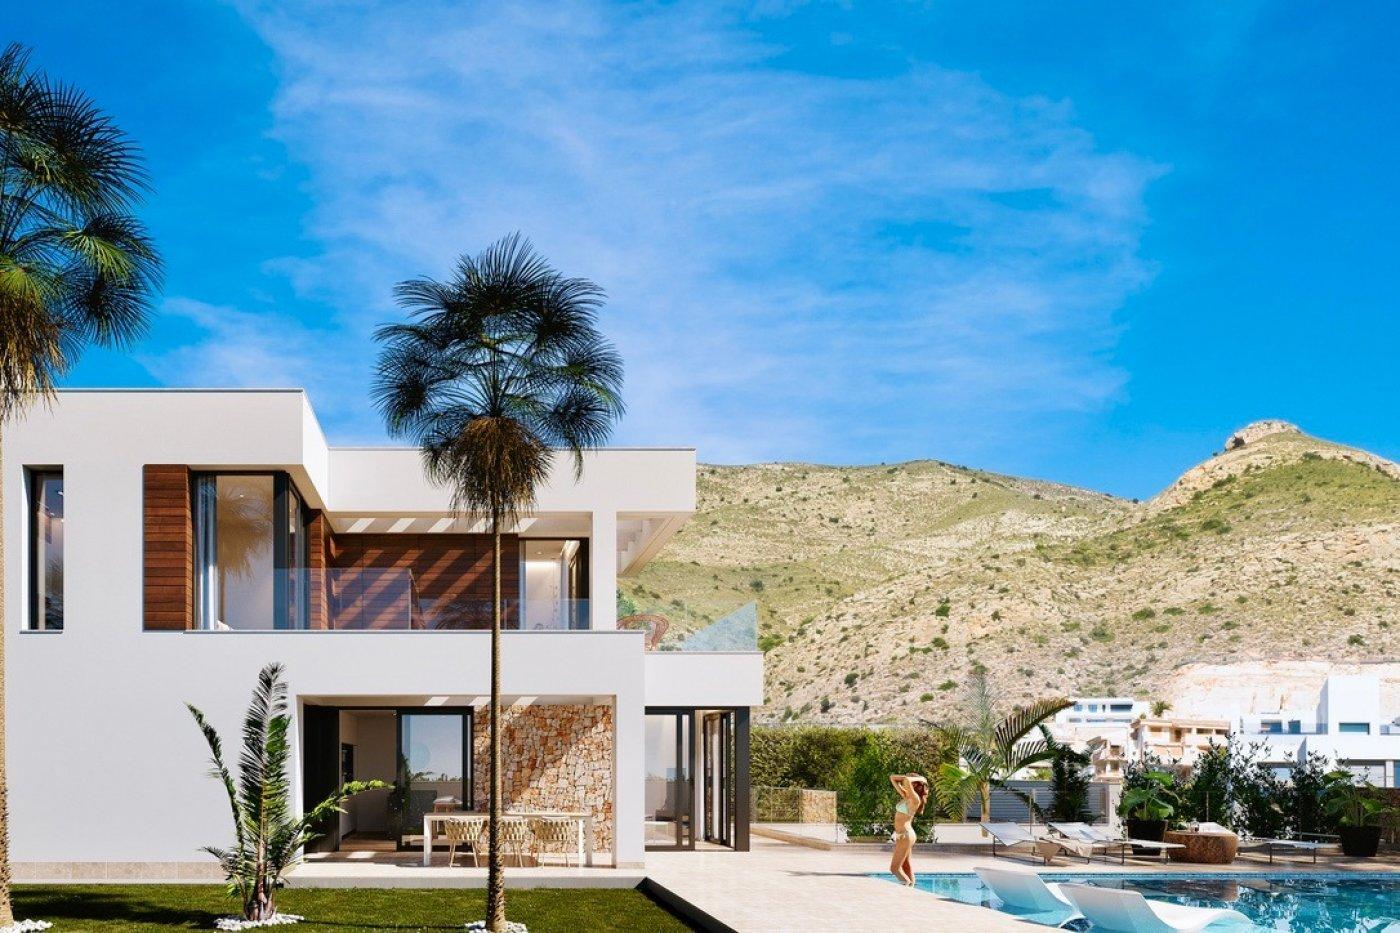 Galleribillede 13 of Luksus villa i Finestrat Hills m. udsigt over Benidorm, sydvest vendt - egen pool, kælder med garage